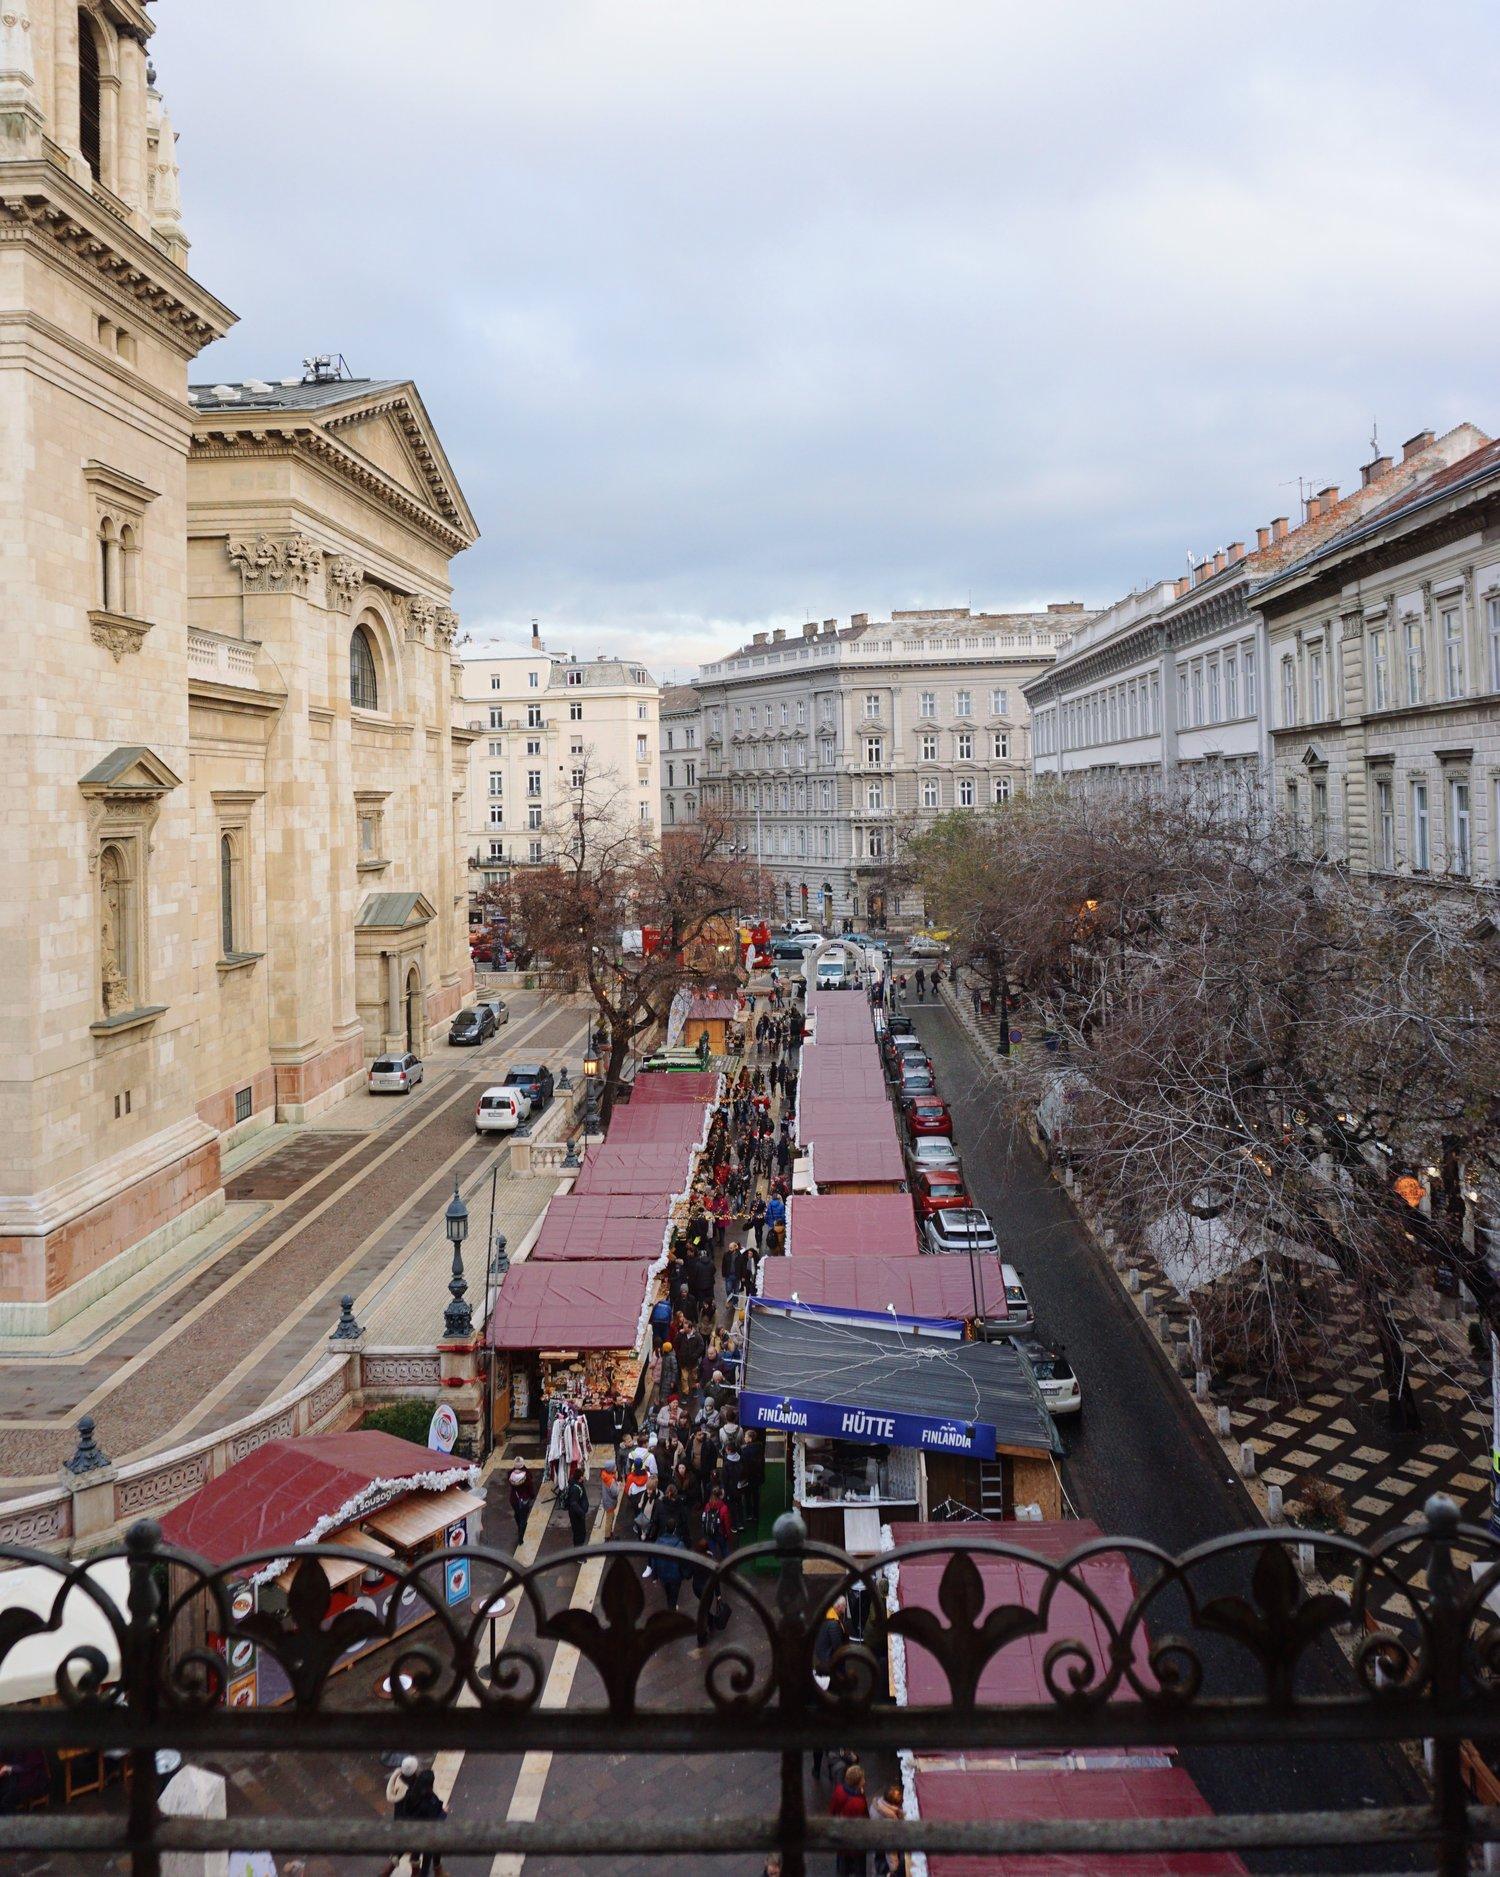 Pals Hostel Budapest | HallAroundtheWorld